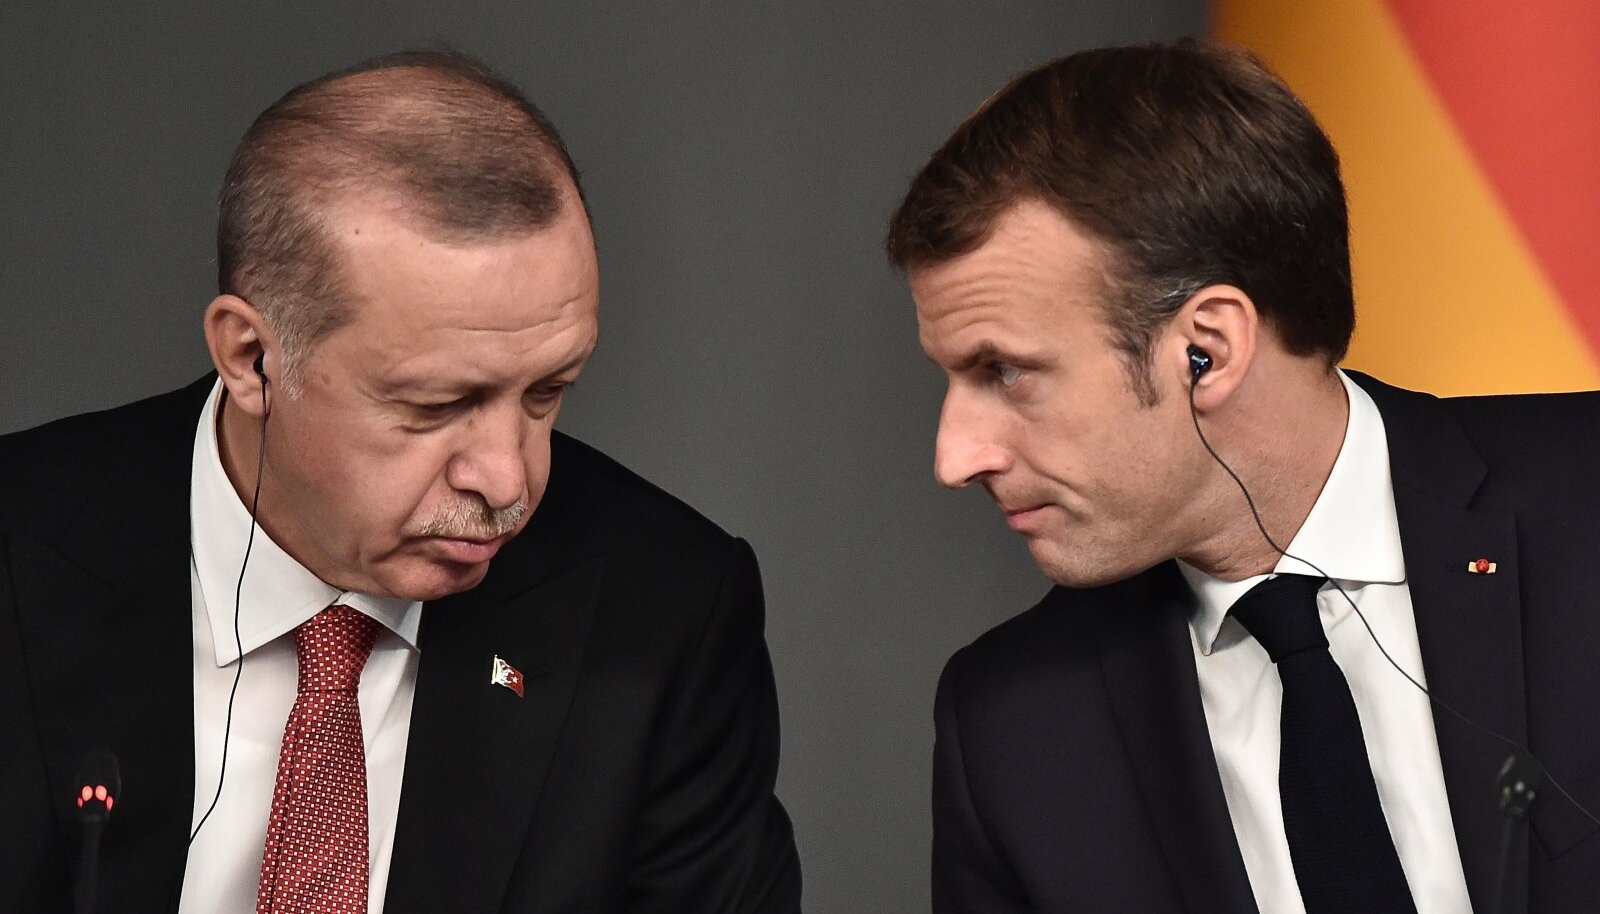 Türgi president Recep Tayyip Erdoğan (vasakul) ja Prantsusmaa president Emmanuel Macron on korduvalt kritiseerinud teineteise destabiliseerivat Liibüa-poliitikat.